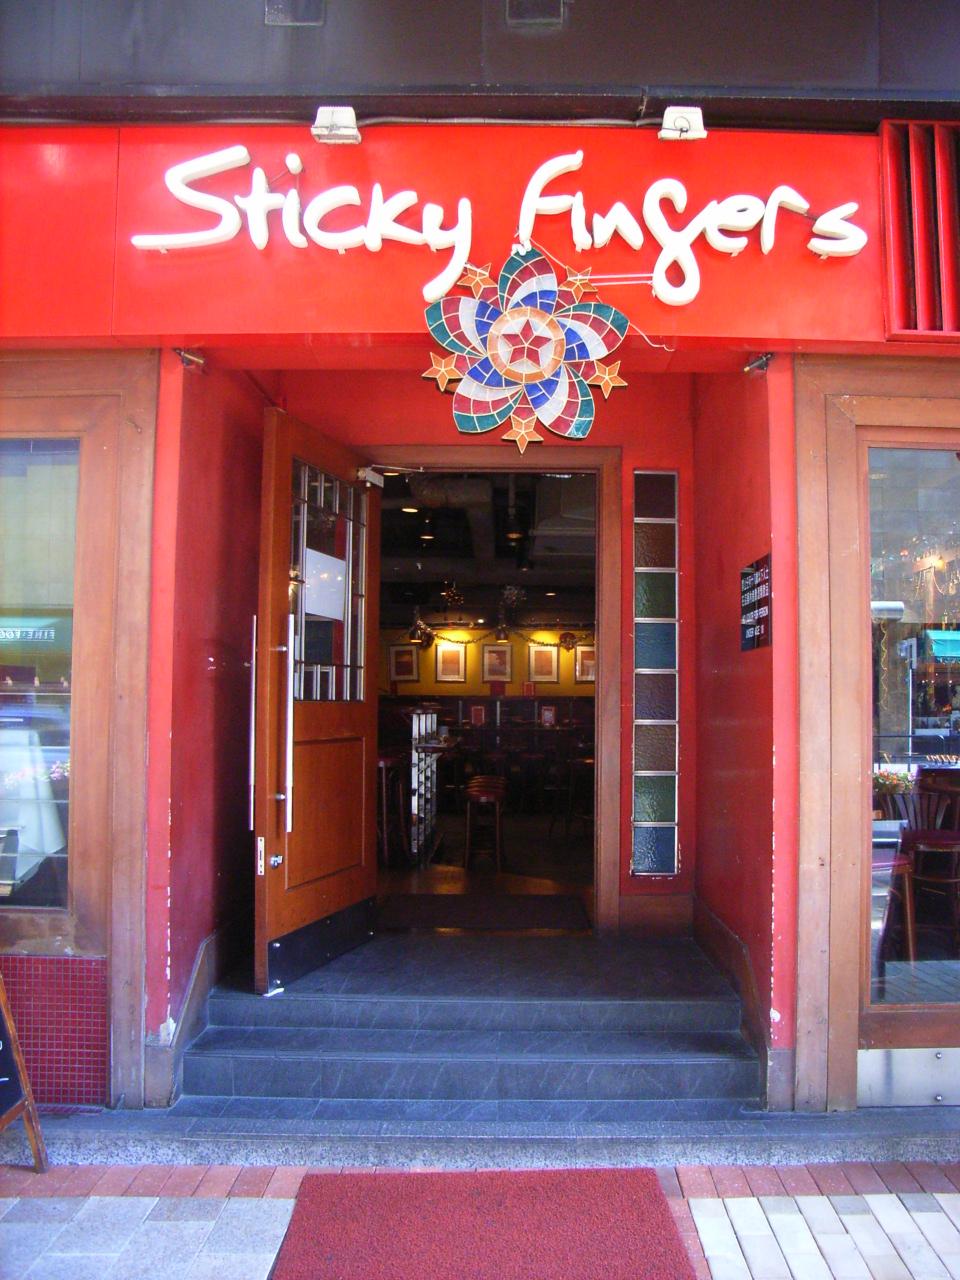 https://i0.wp.com/upload.wikimedia.org/wikipedia/commons/9/9a/HK_TST_East_Mody_Road_TST_Centre_Sticky_Fingers_Bar_Restaurant_G61.JPG